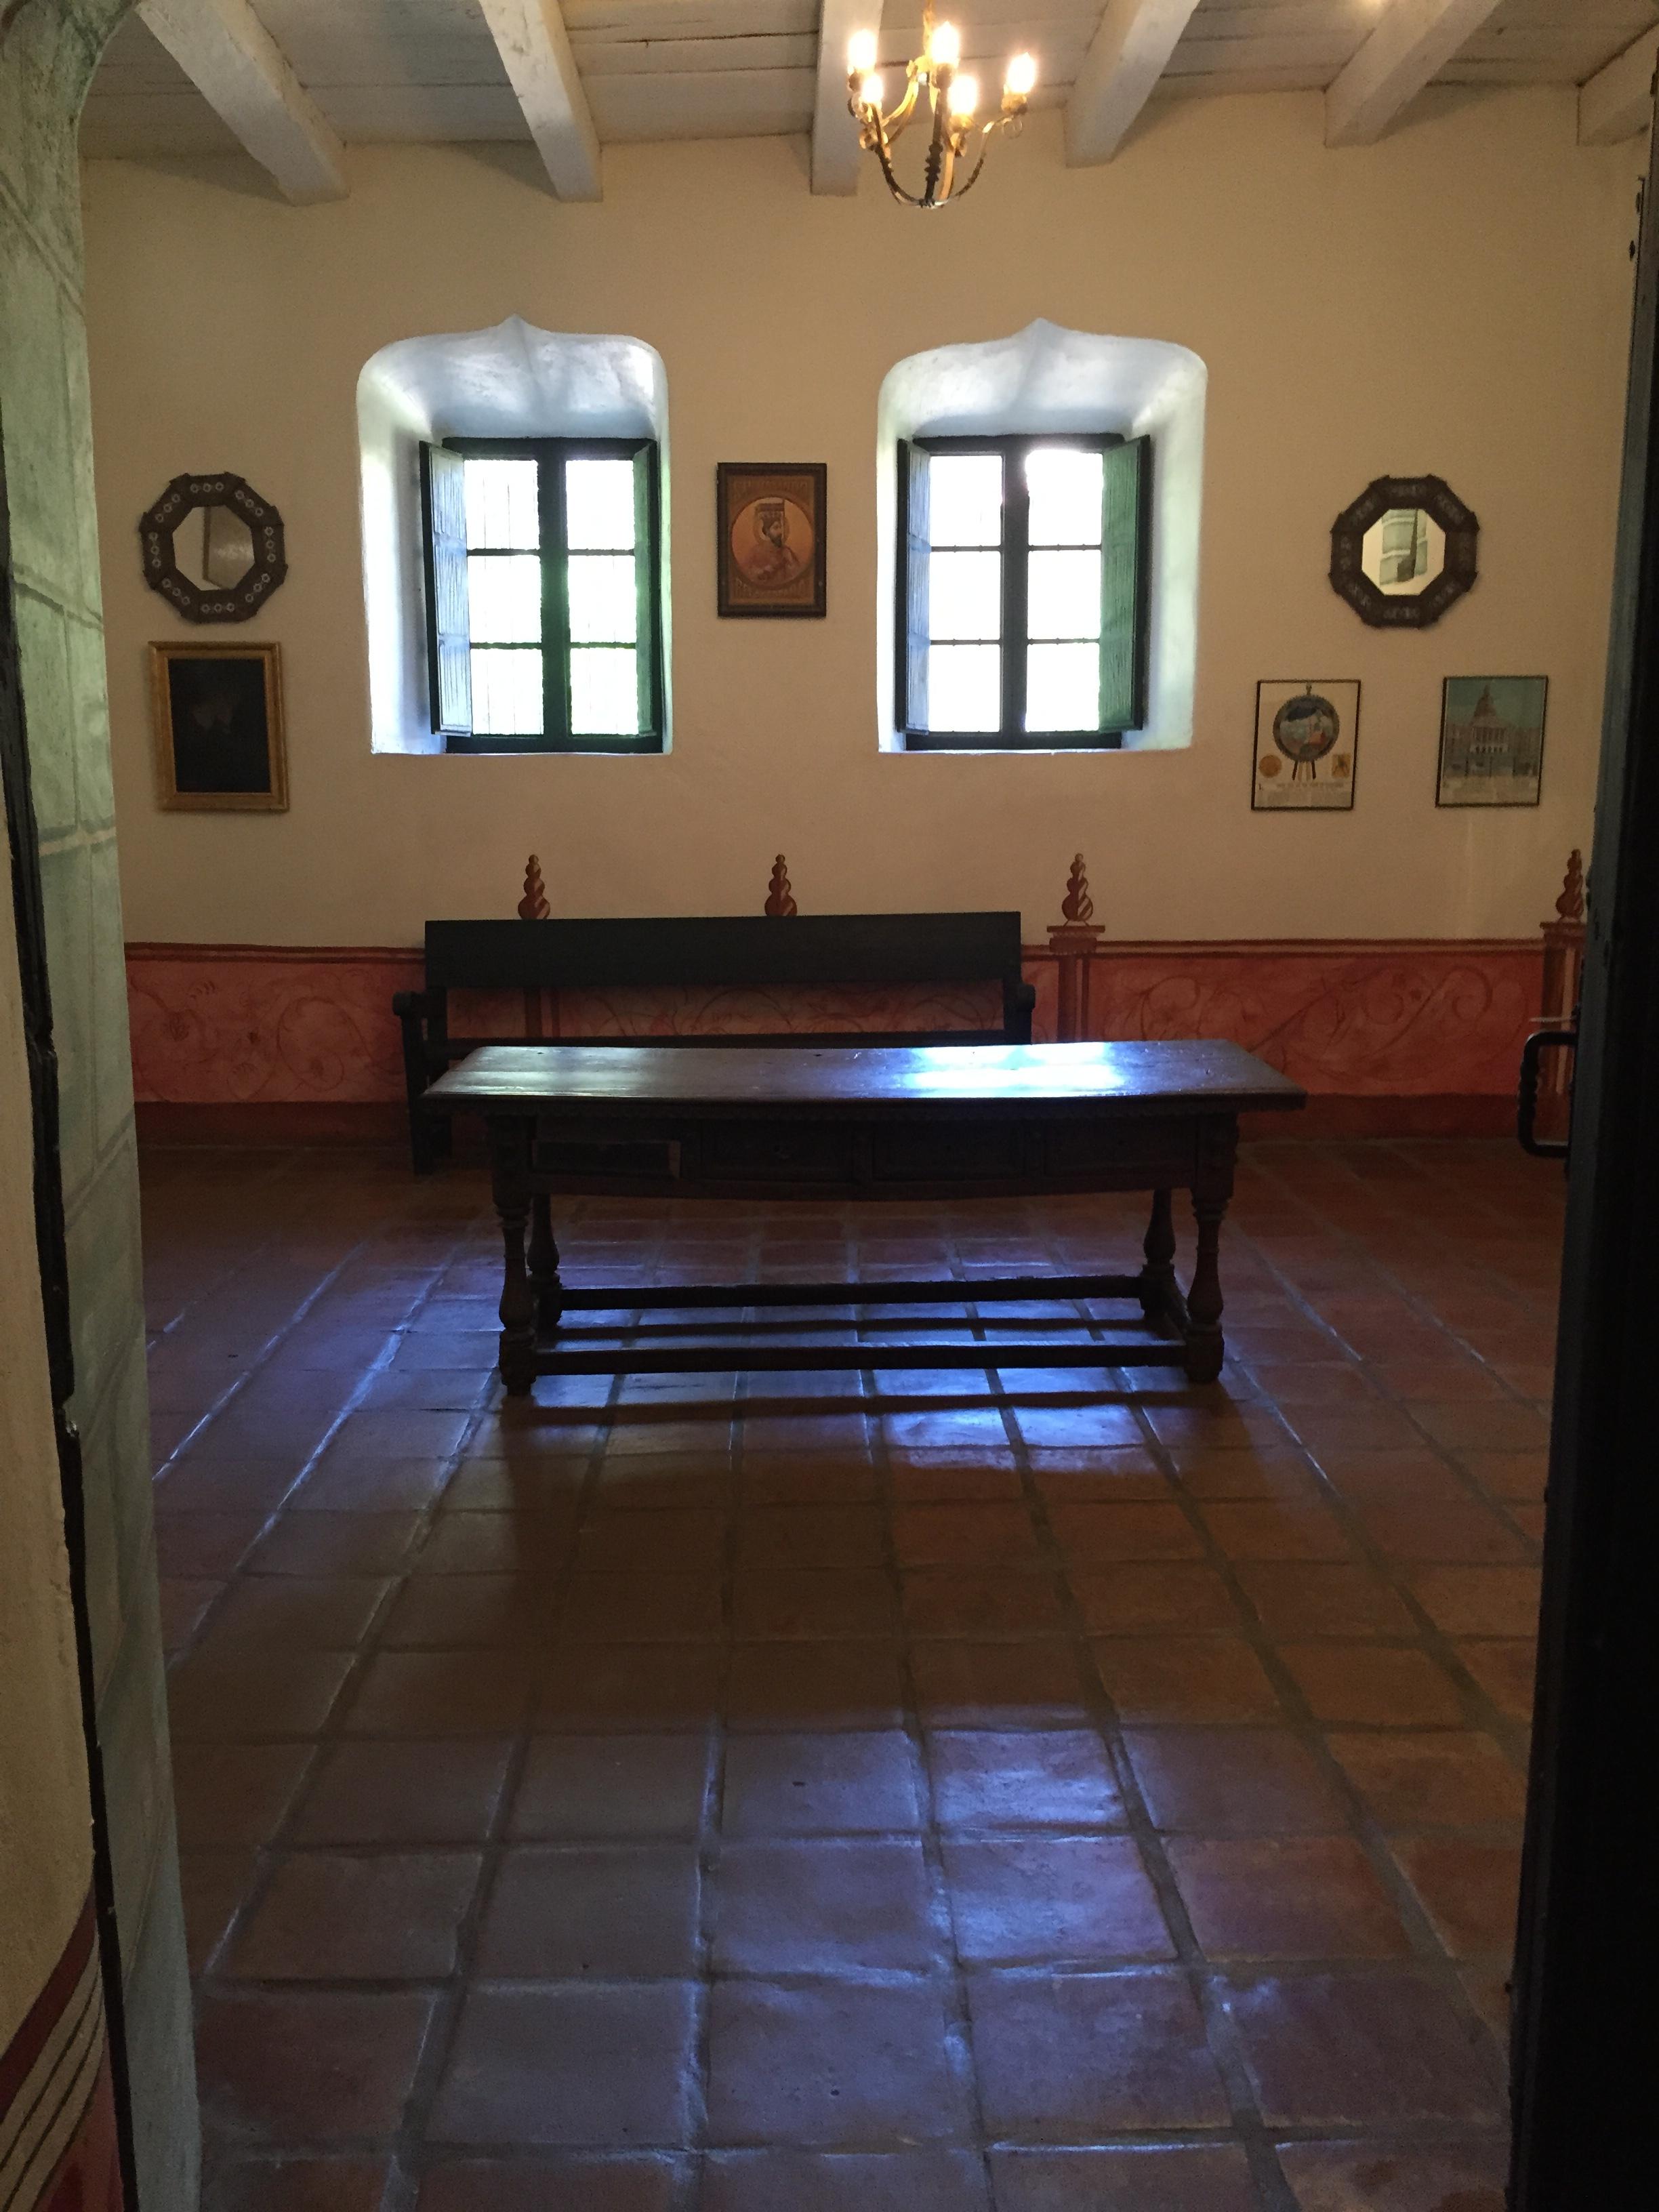 San Fernando Mission interior - Ventura santa Barbara san Fernando Missions